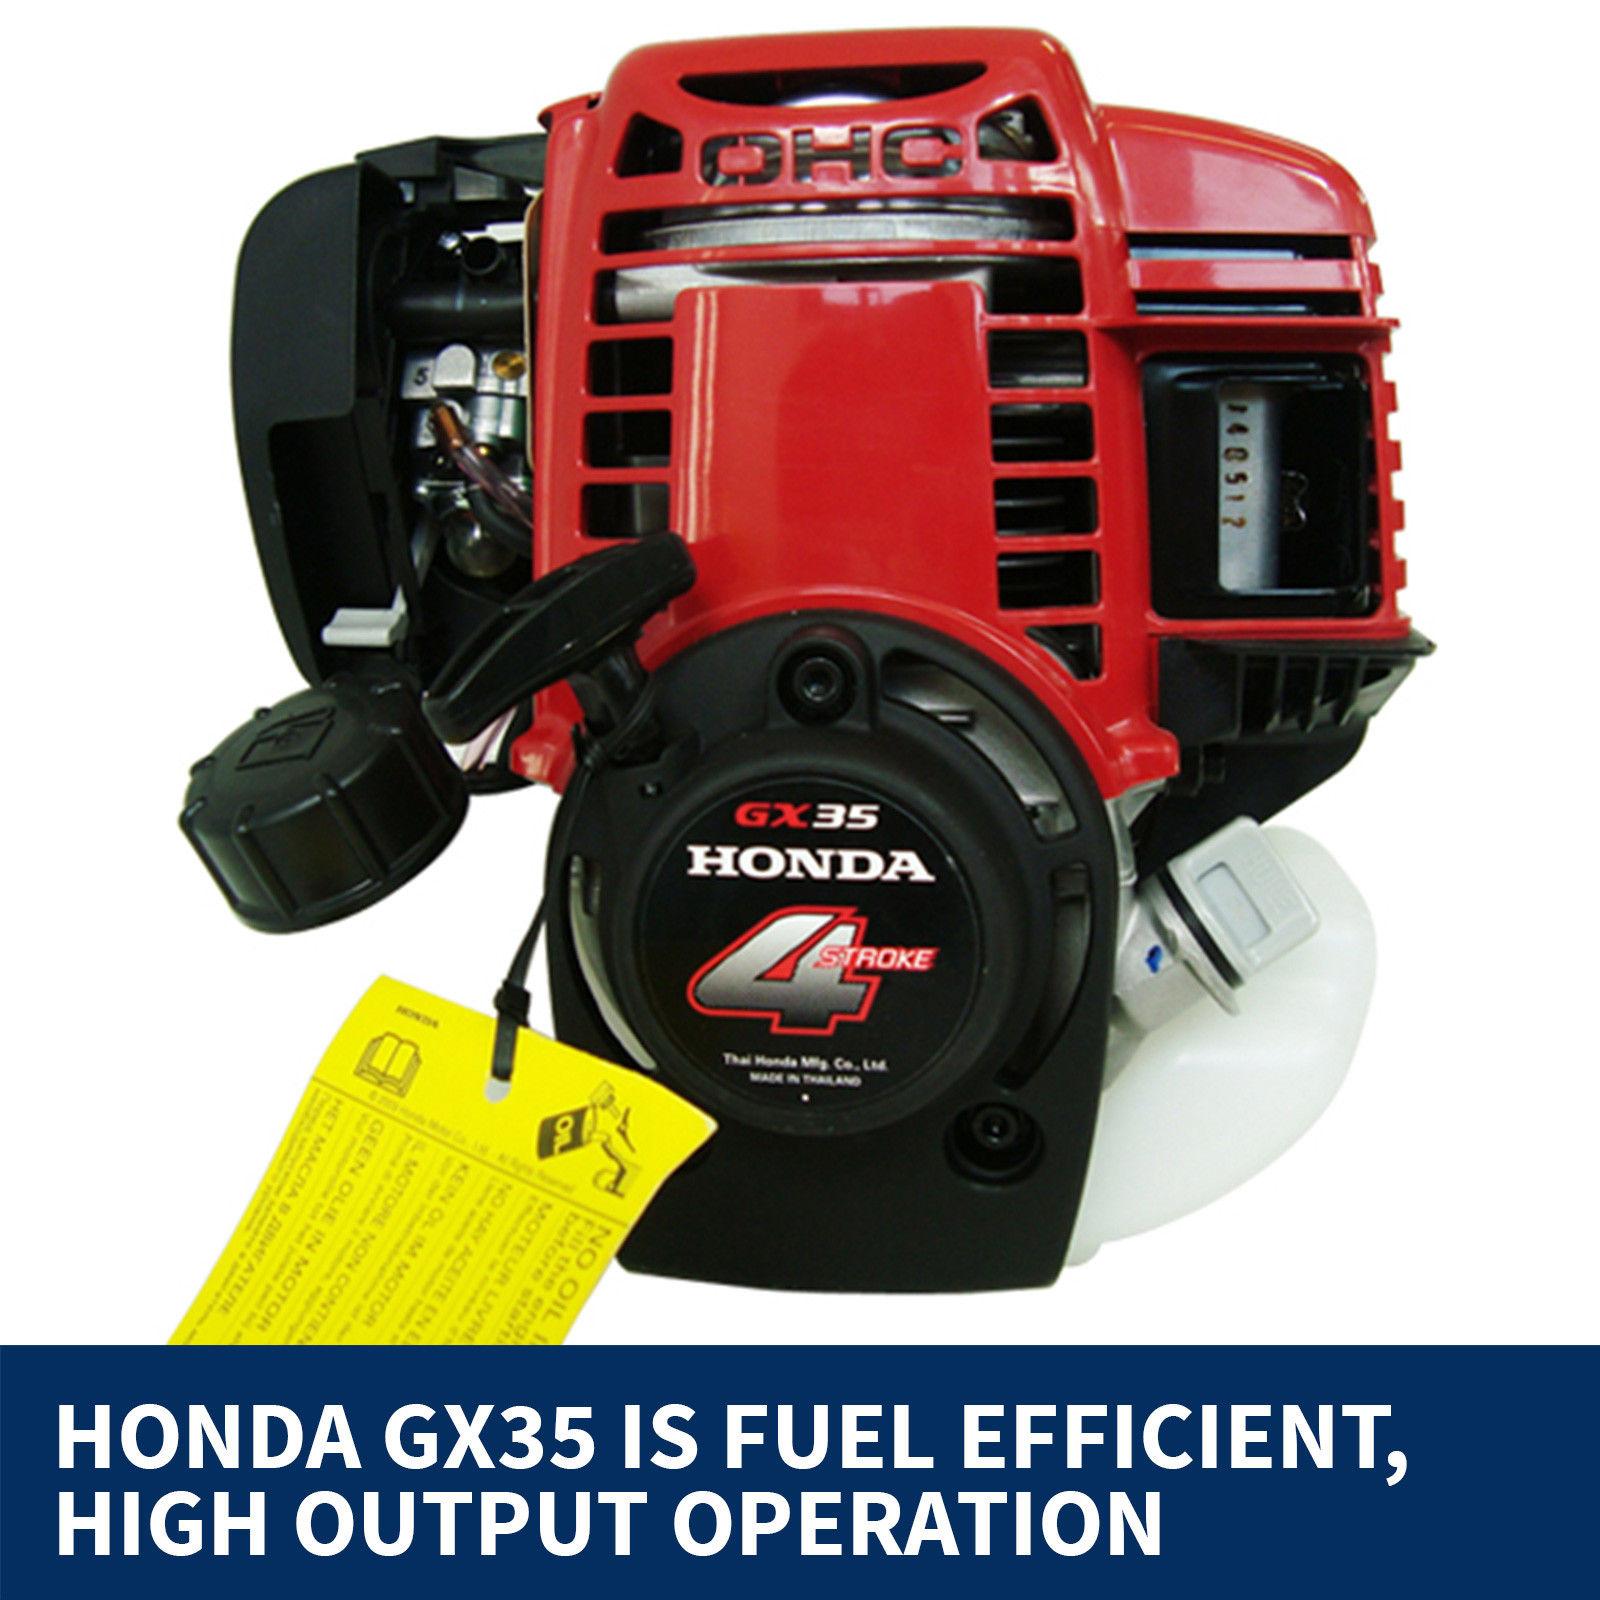 موتور بنزینی 4 زمانه 4 سیلندر موتور بنزینی برای برش برس GX35 موتور 35.8cc CE تایید شده است